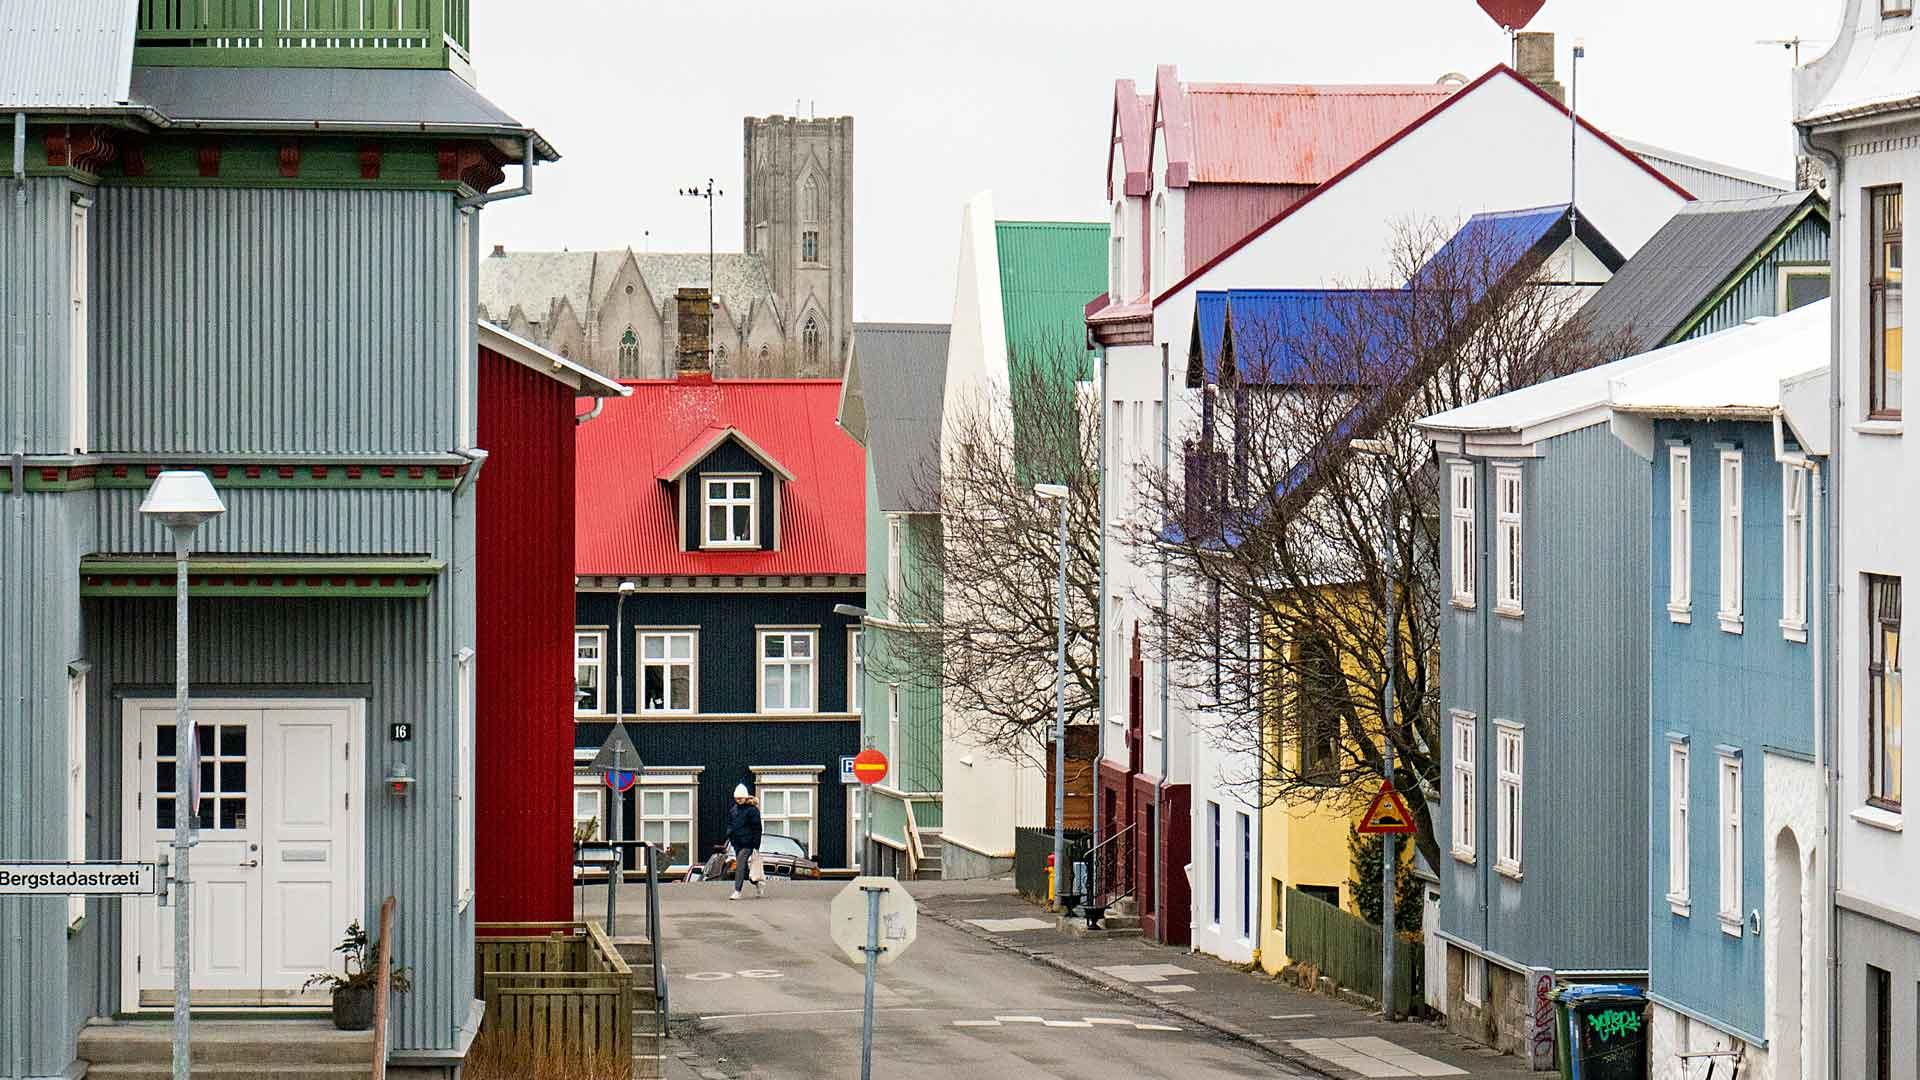 Satu Rämö suosittelee kävelyä ydinkeskustan kapeilla kaduilla.